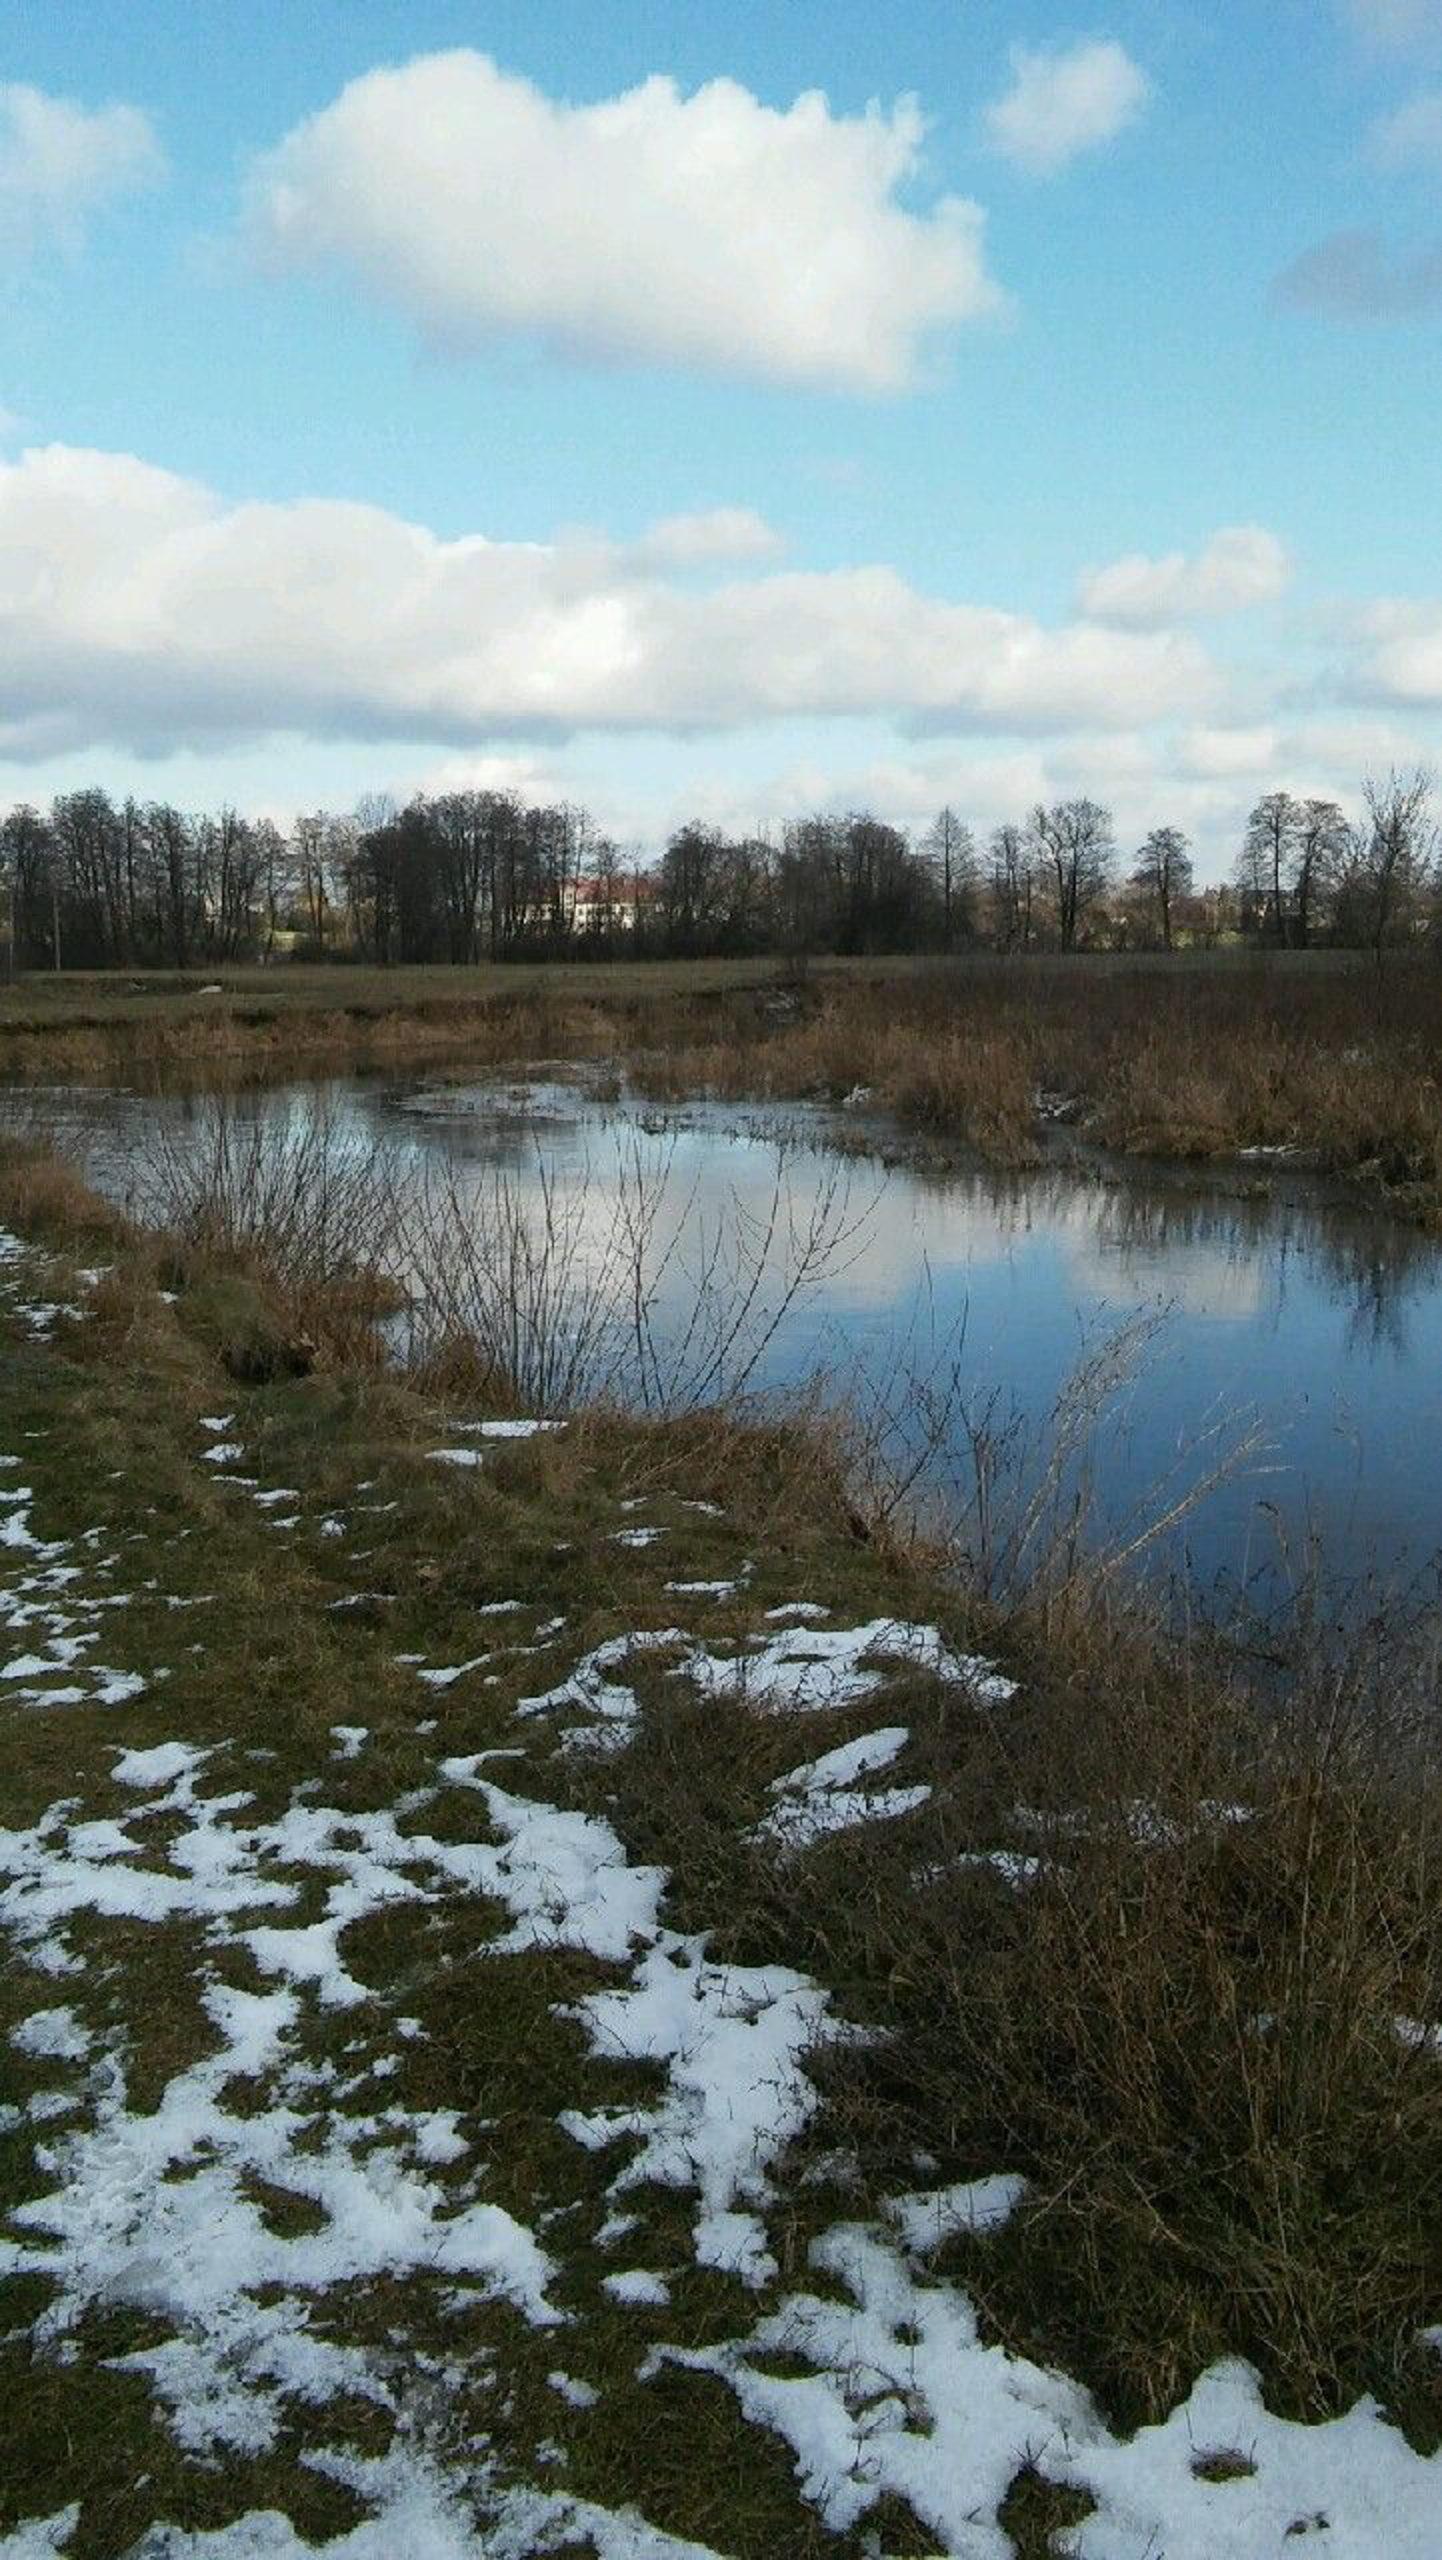 widok na wodę i resztki śniegu w trawie